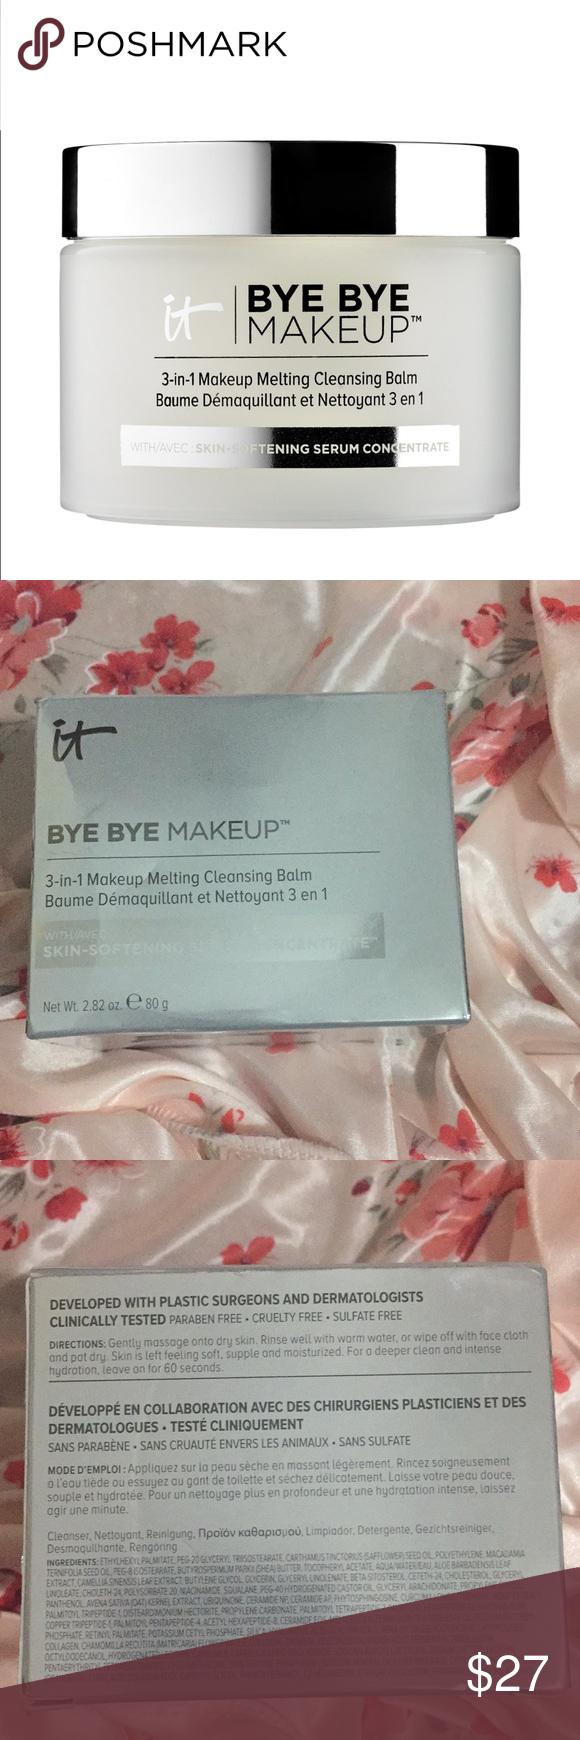 NIB Sephora Bye Bye Makeup cleanser balm The balm